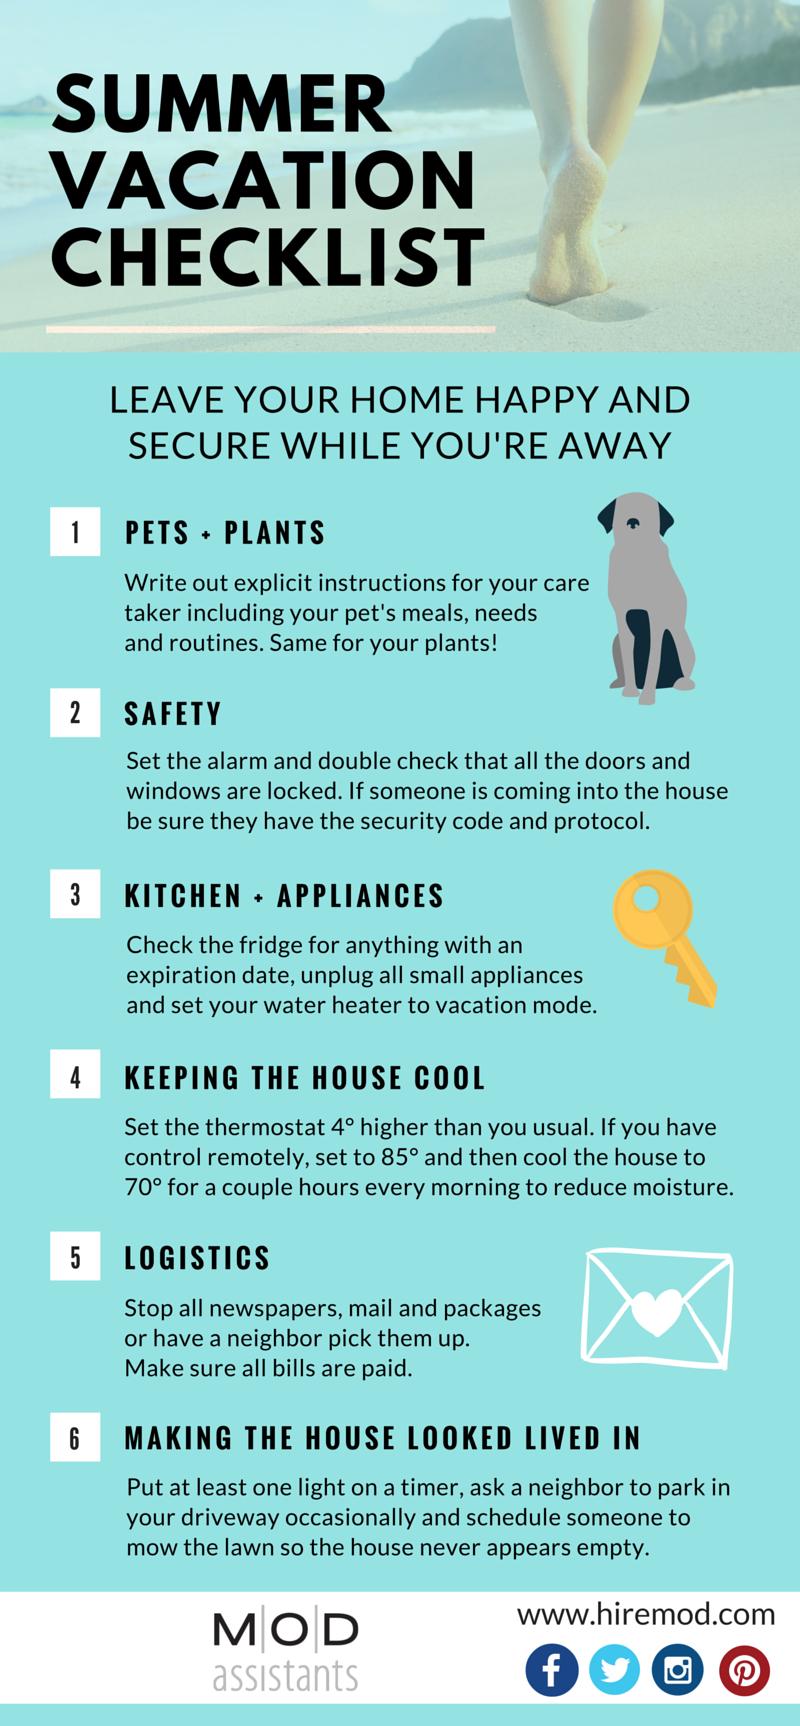 summer-checklist-infographic